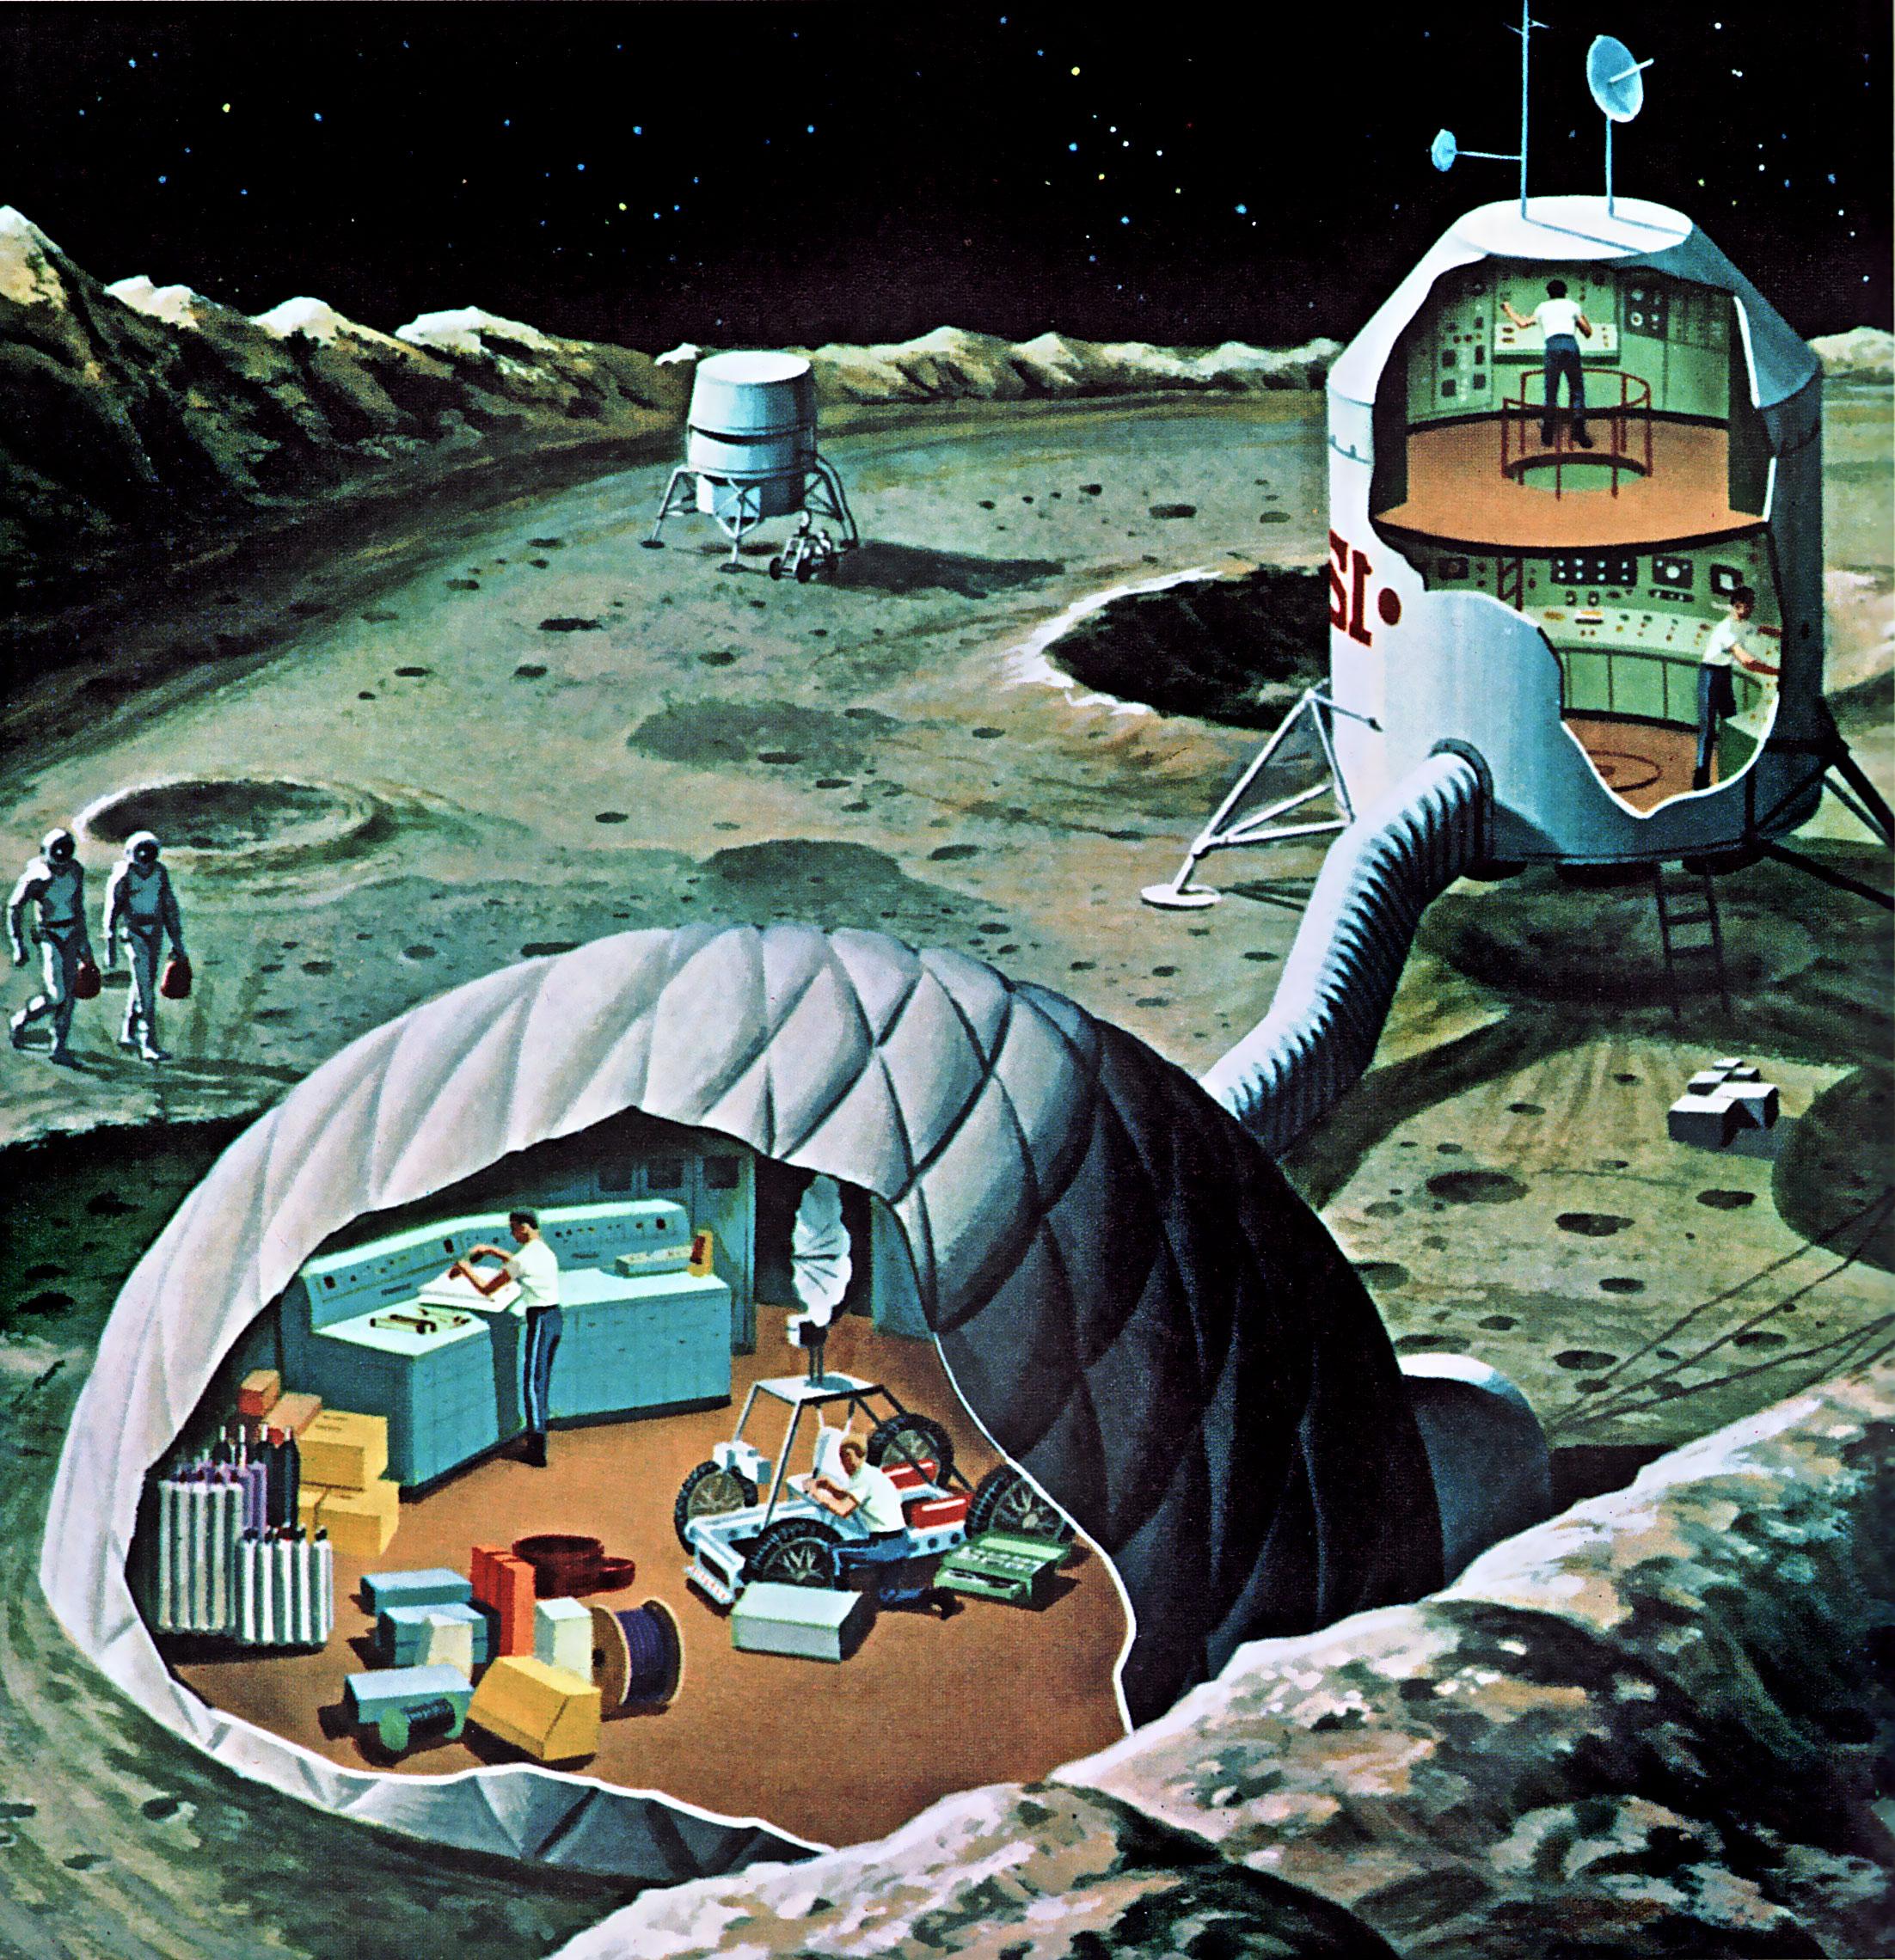 space age techn visit - 736×761